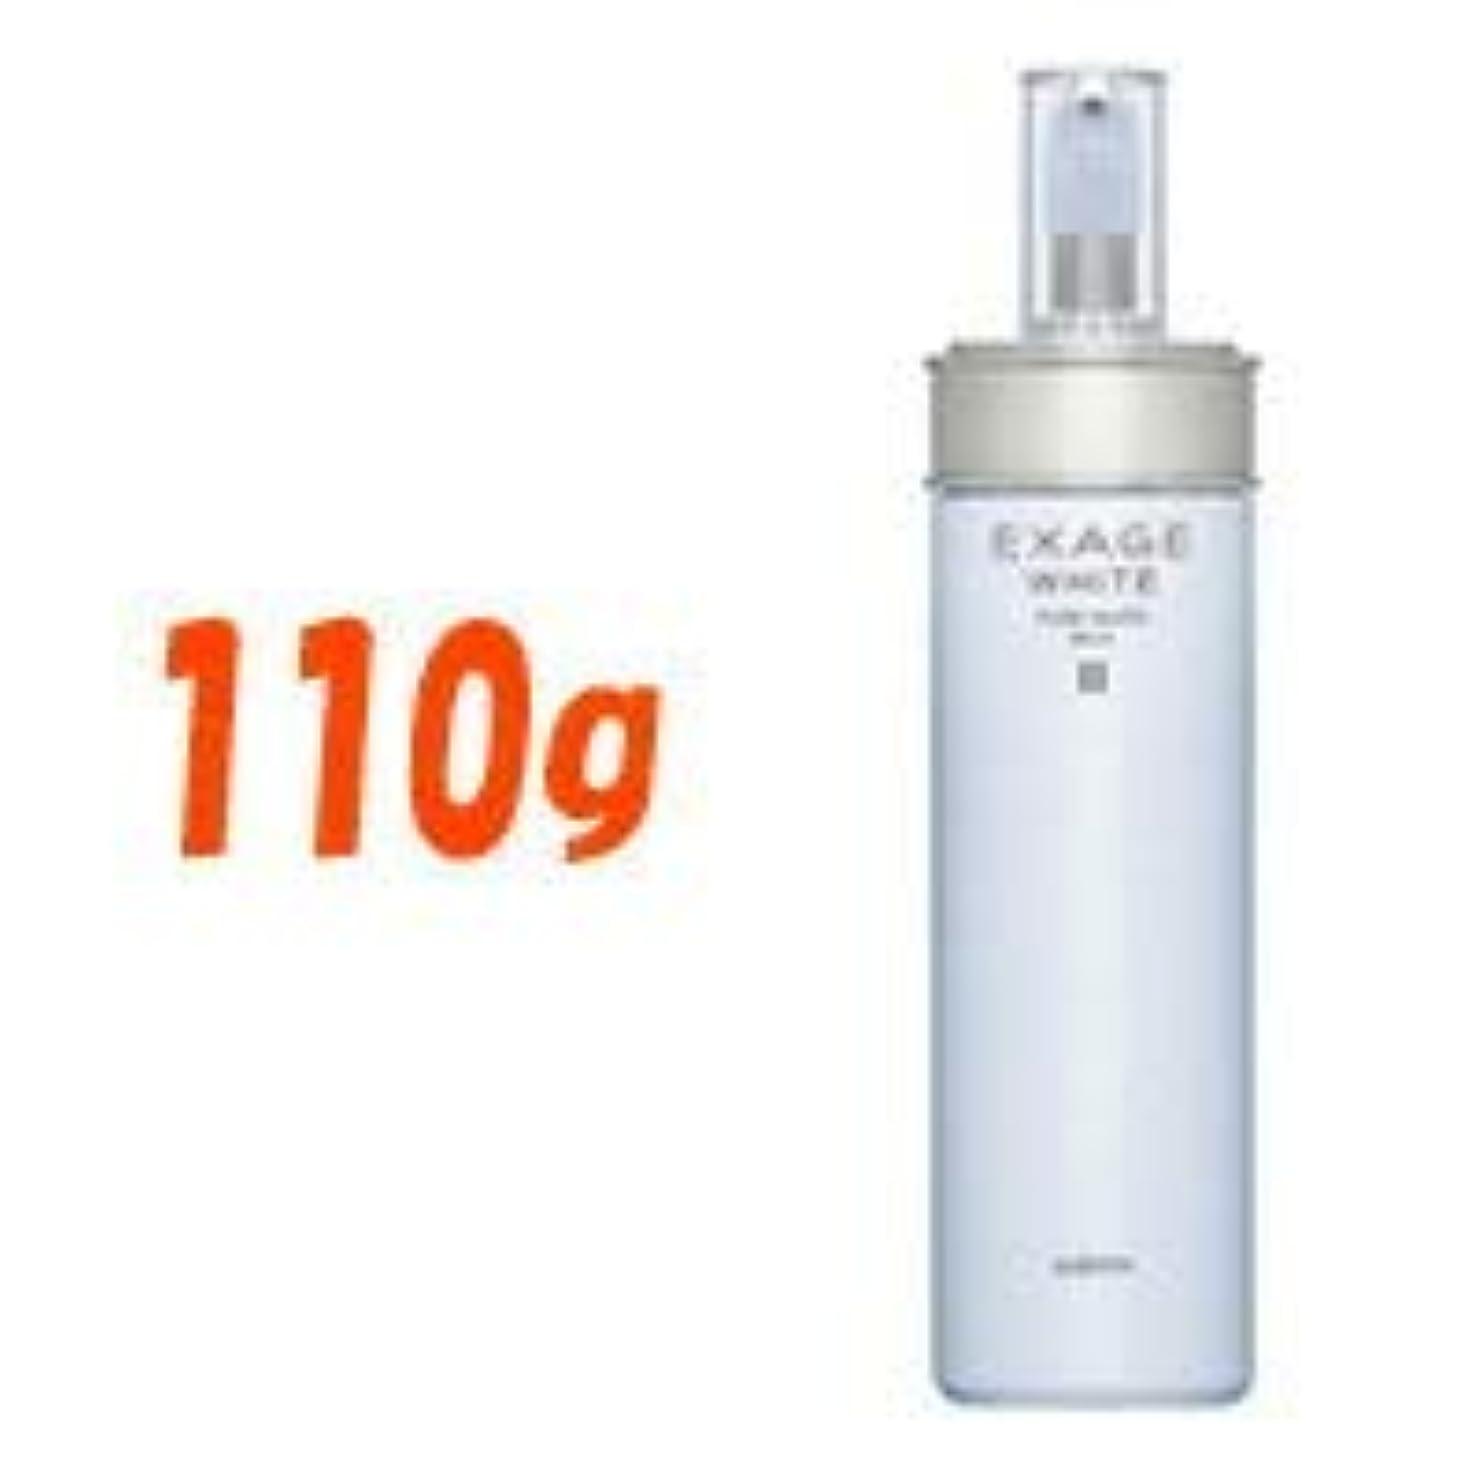 目的伝統伝記アルビオン エクサージュ ホワイトピュアホワイトミルク(2) 110g